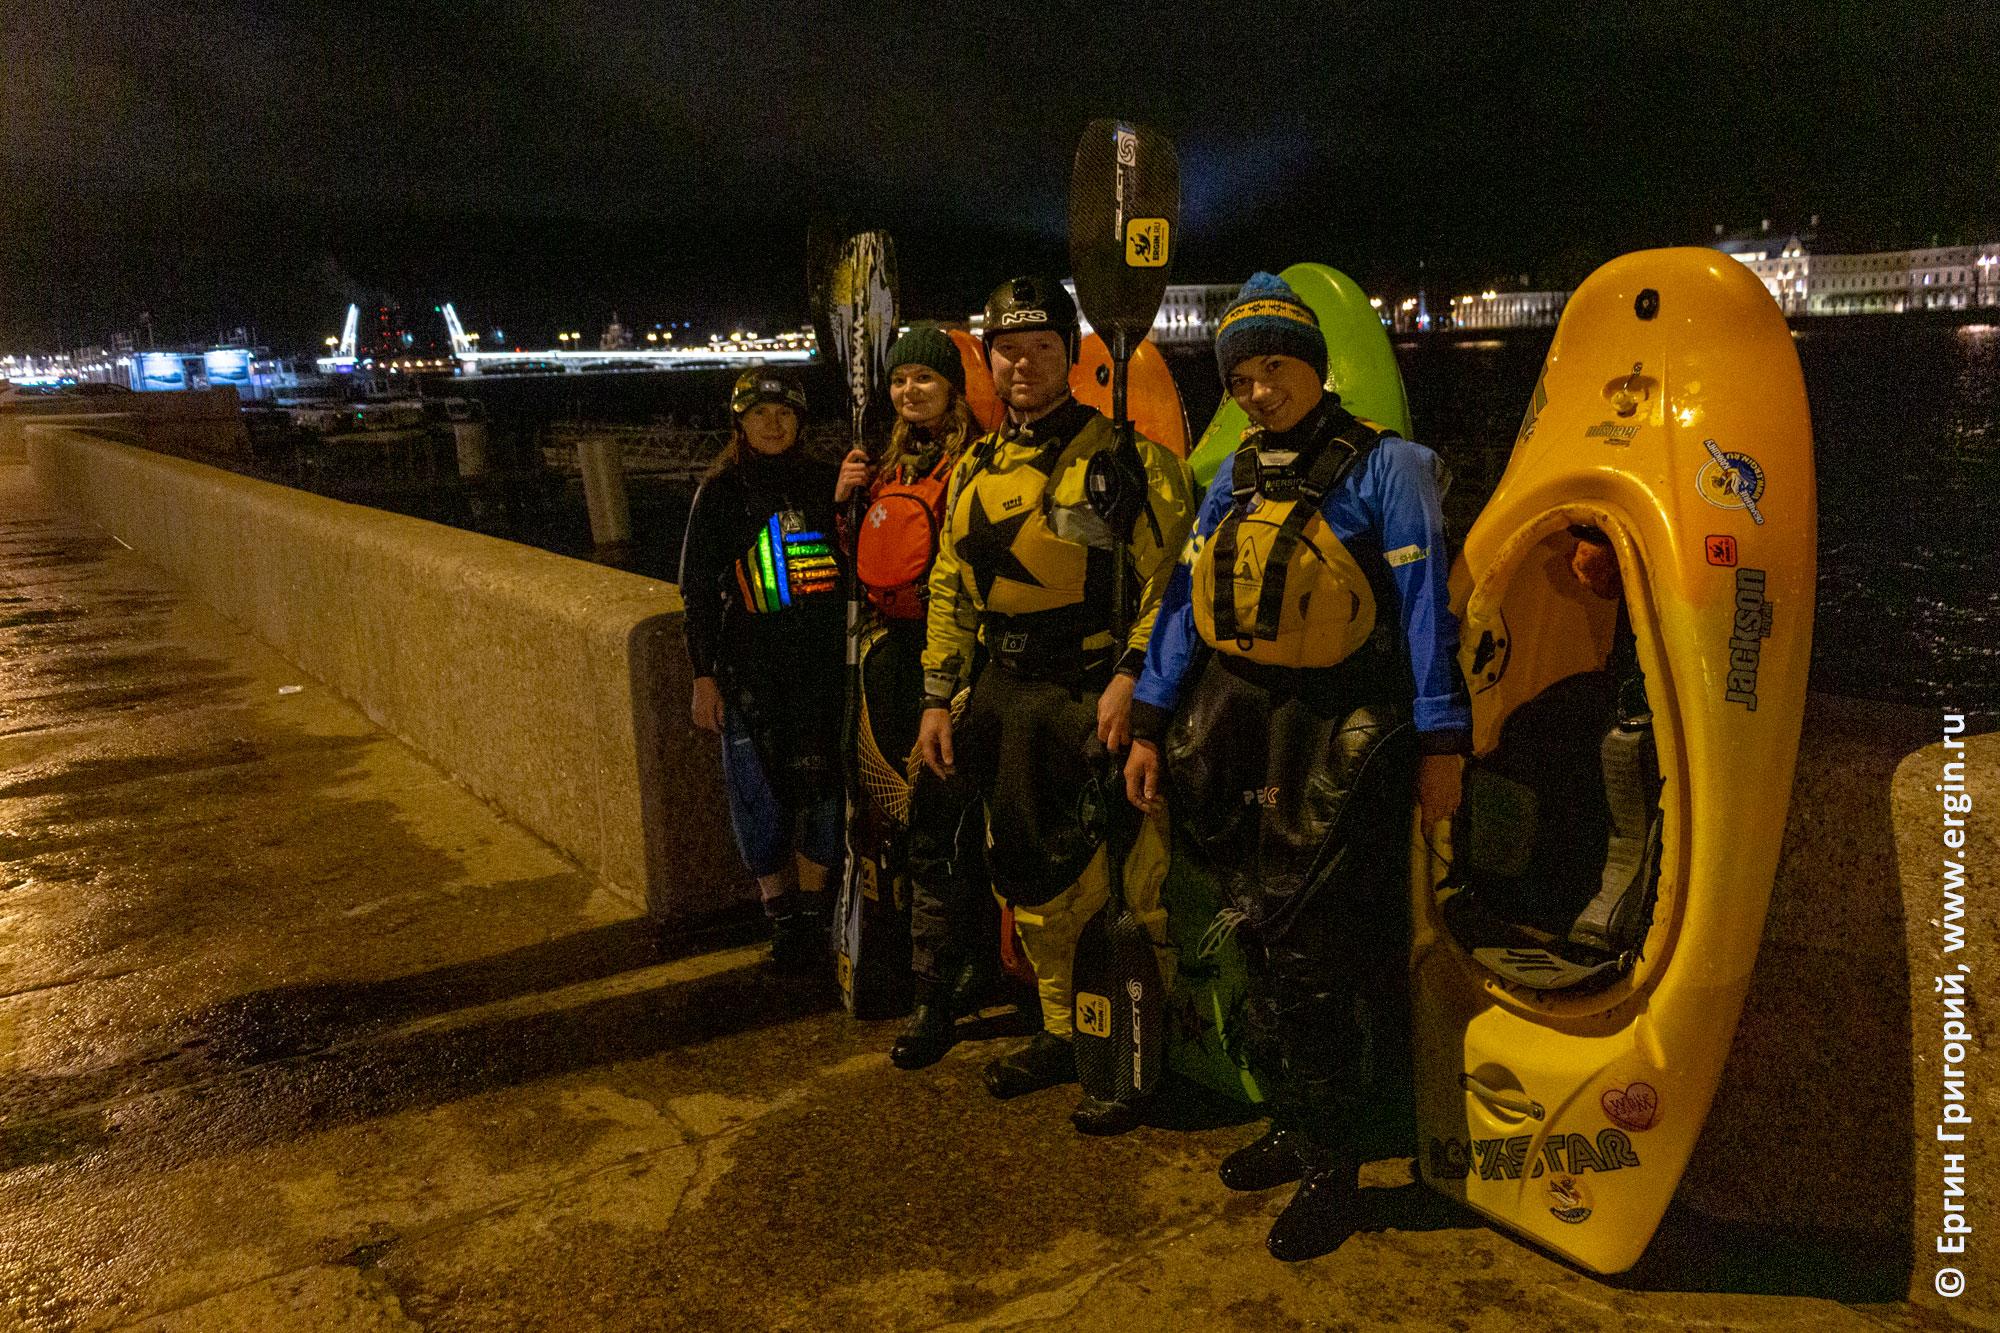 Финиш ночной водной прогулки по Санкт-Петербургу с разведенными мостами на каяках